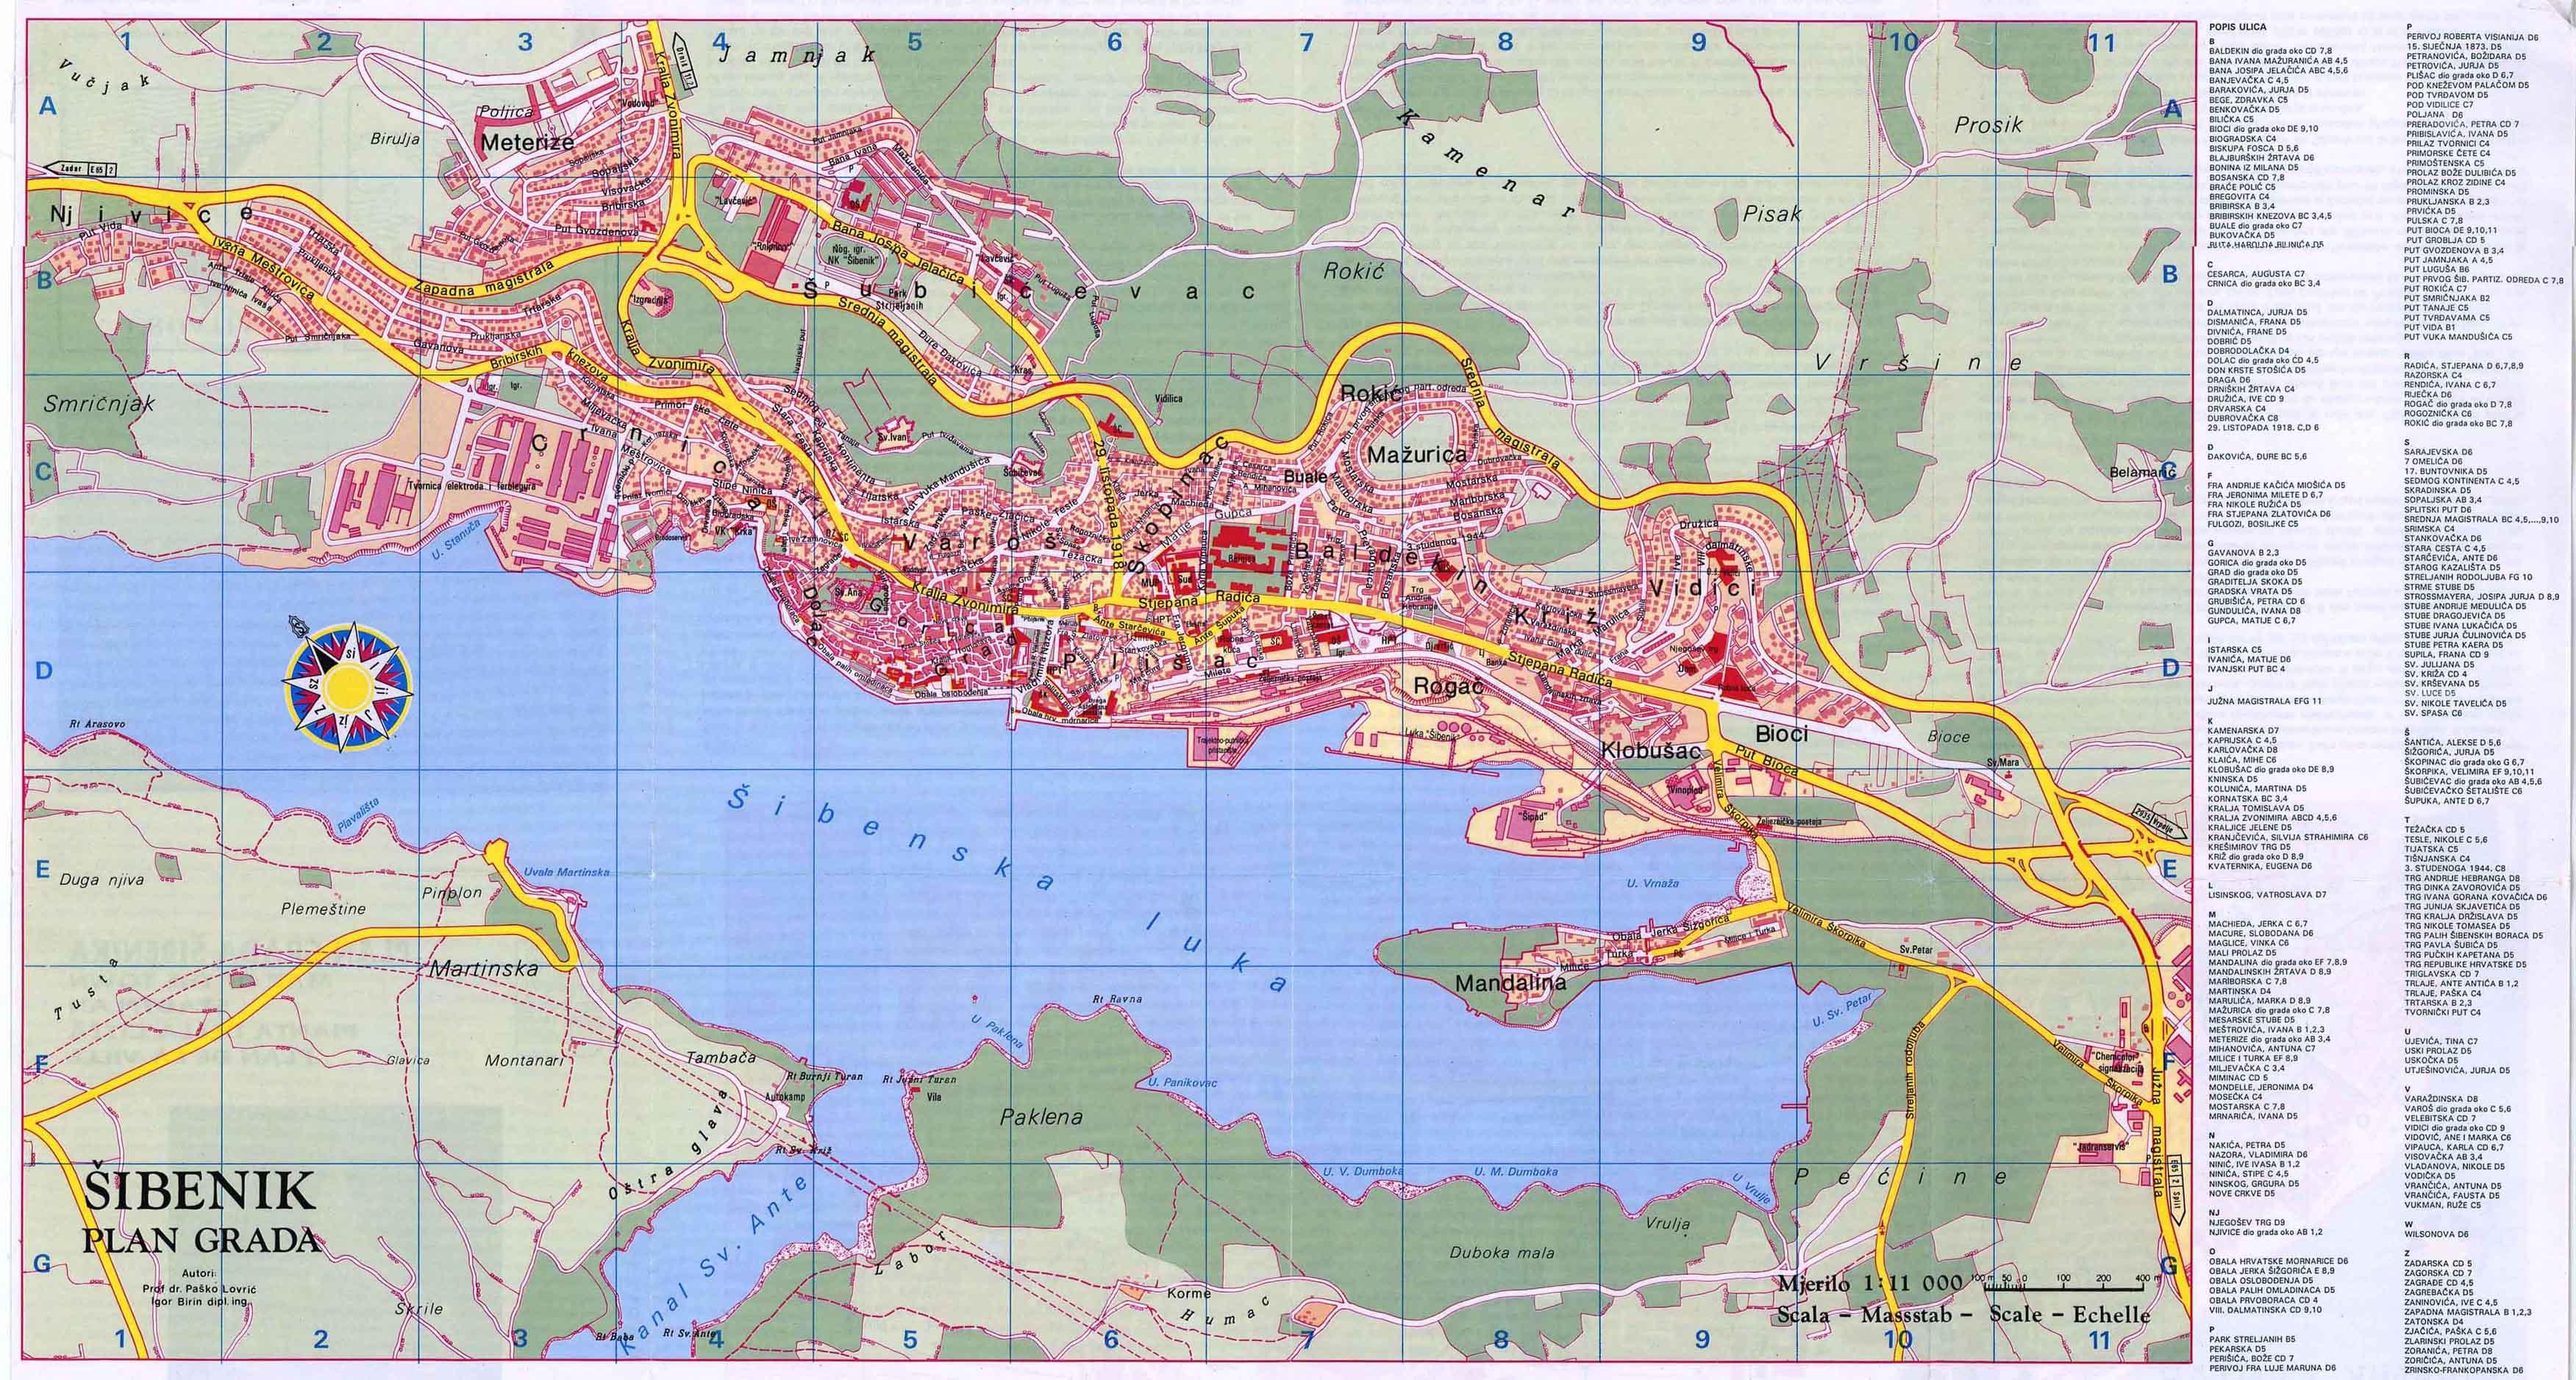 Carte de ville Sibenik détaillée, plan de ville